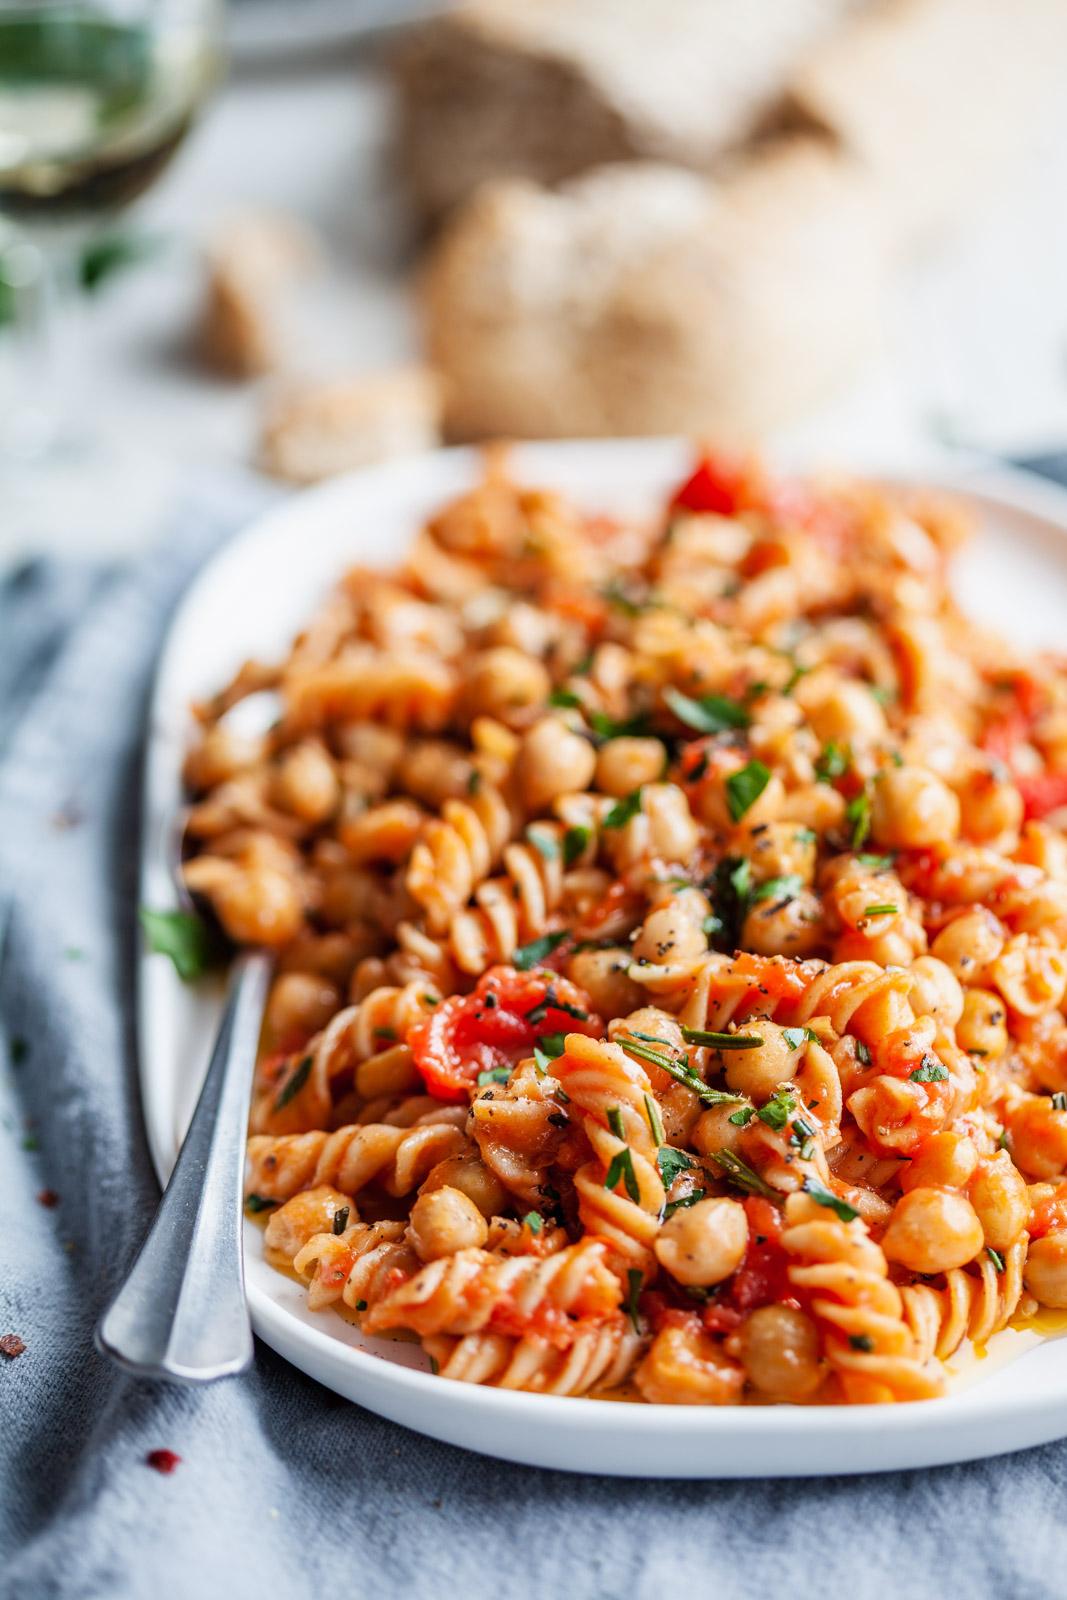 Quick and Delicious Pasta and Chickpeas (Pasta e Ceci)